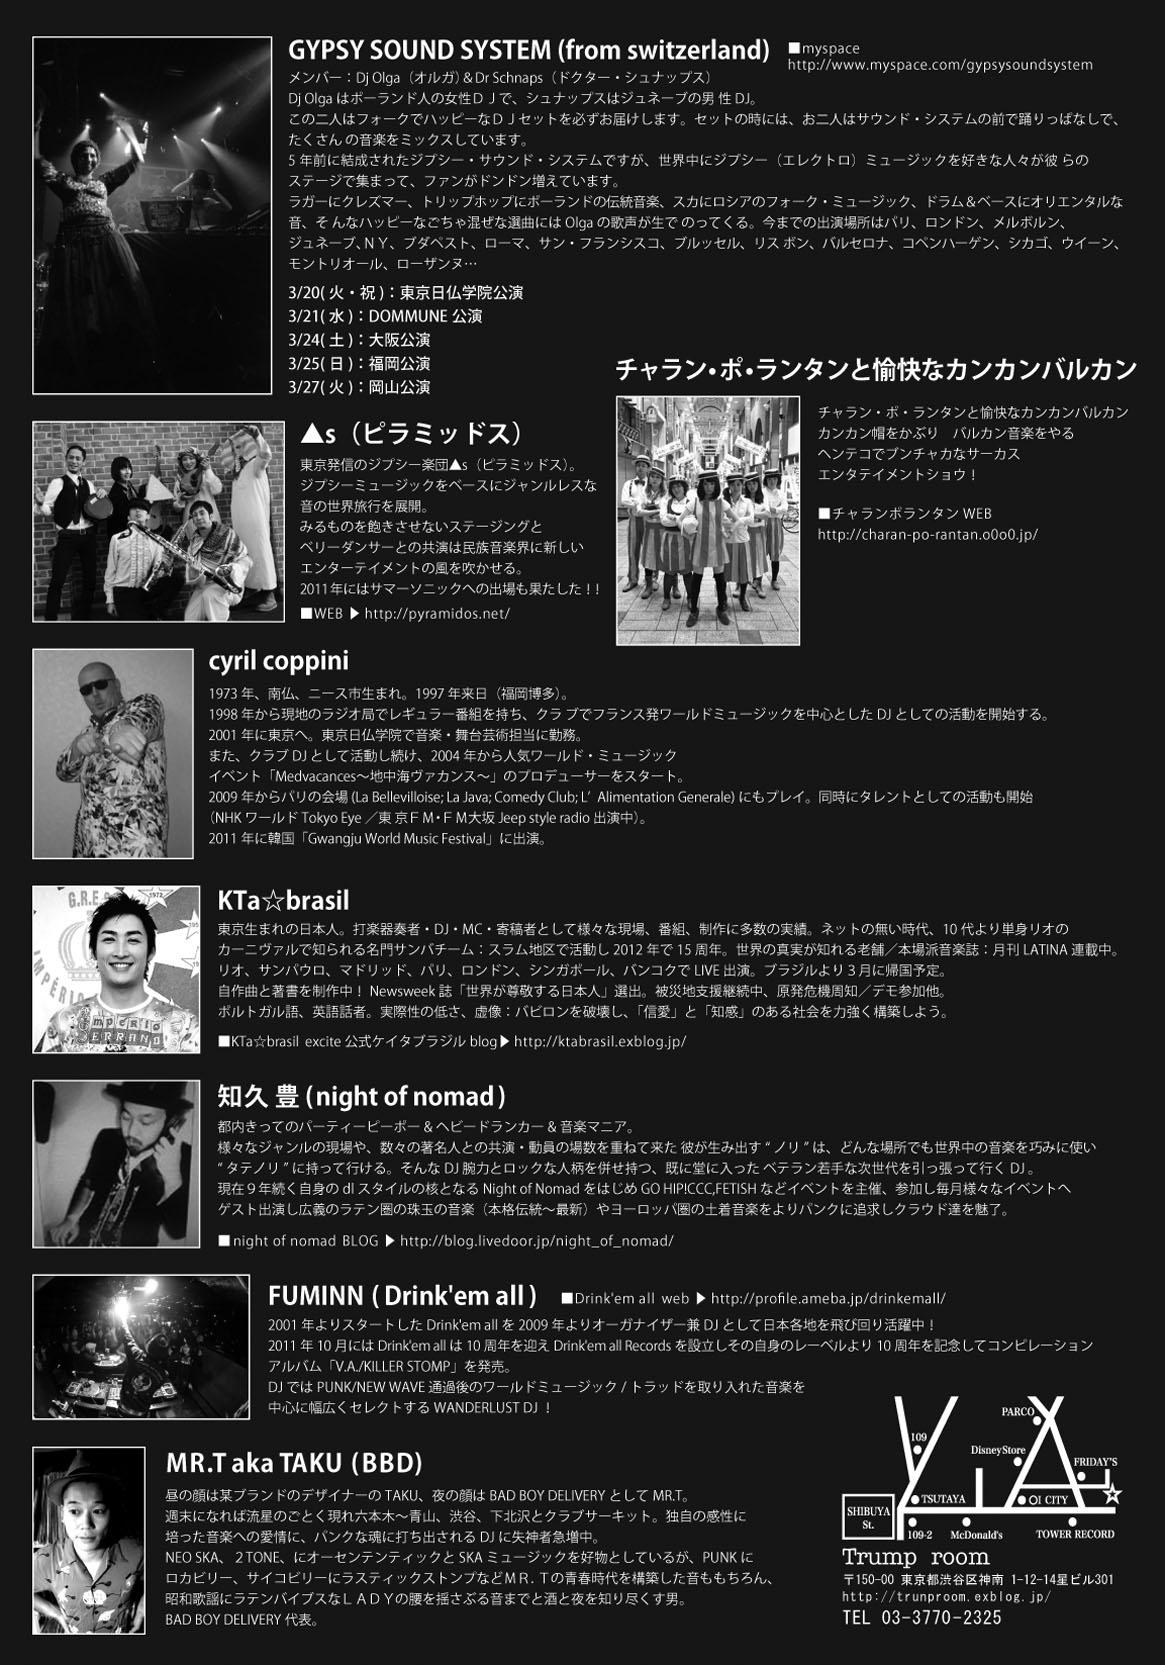 3/23 FRI 21:00- 【PARRANDISCO!!】at Shibuya TRUMP ROOM_b0032617_0274453.jpg